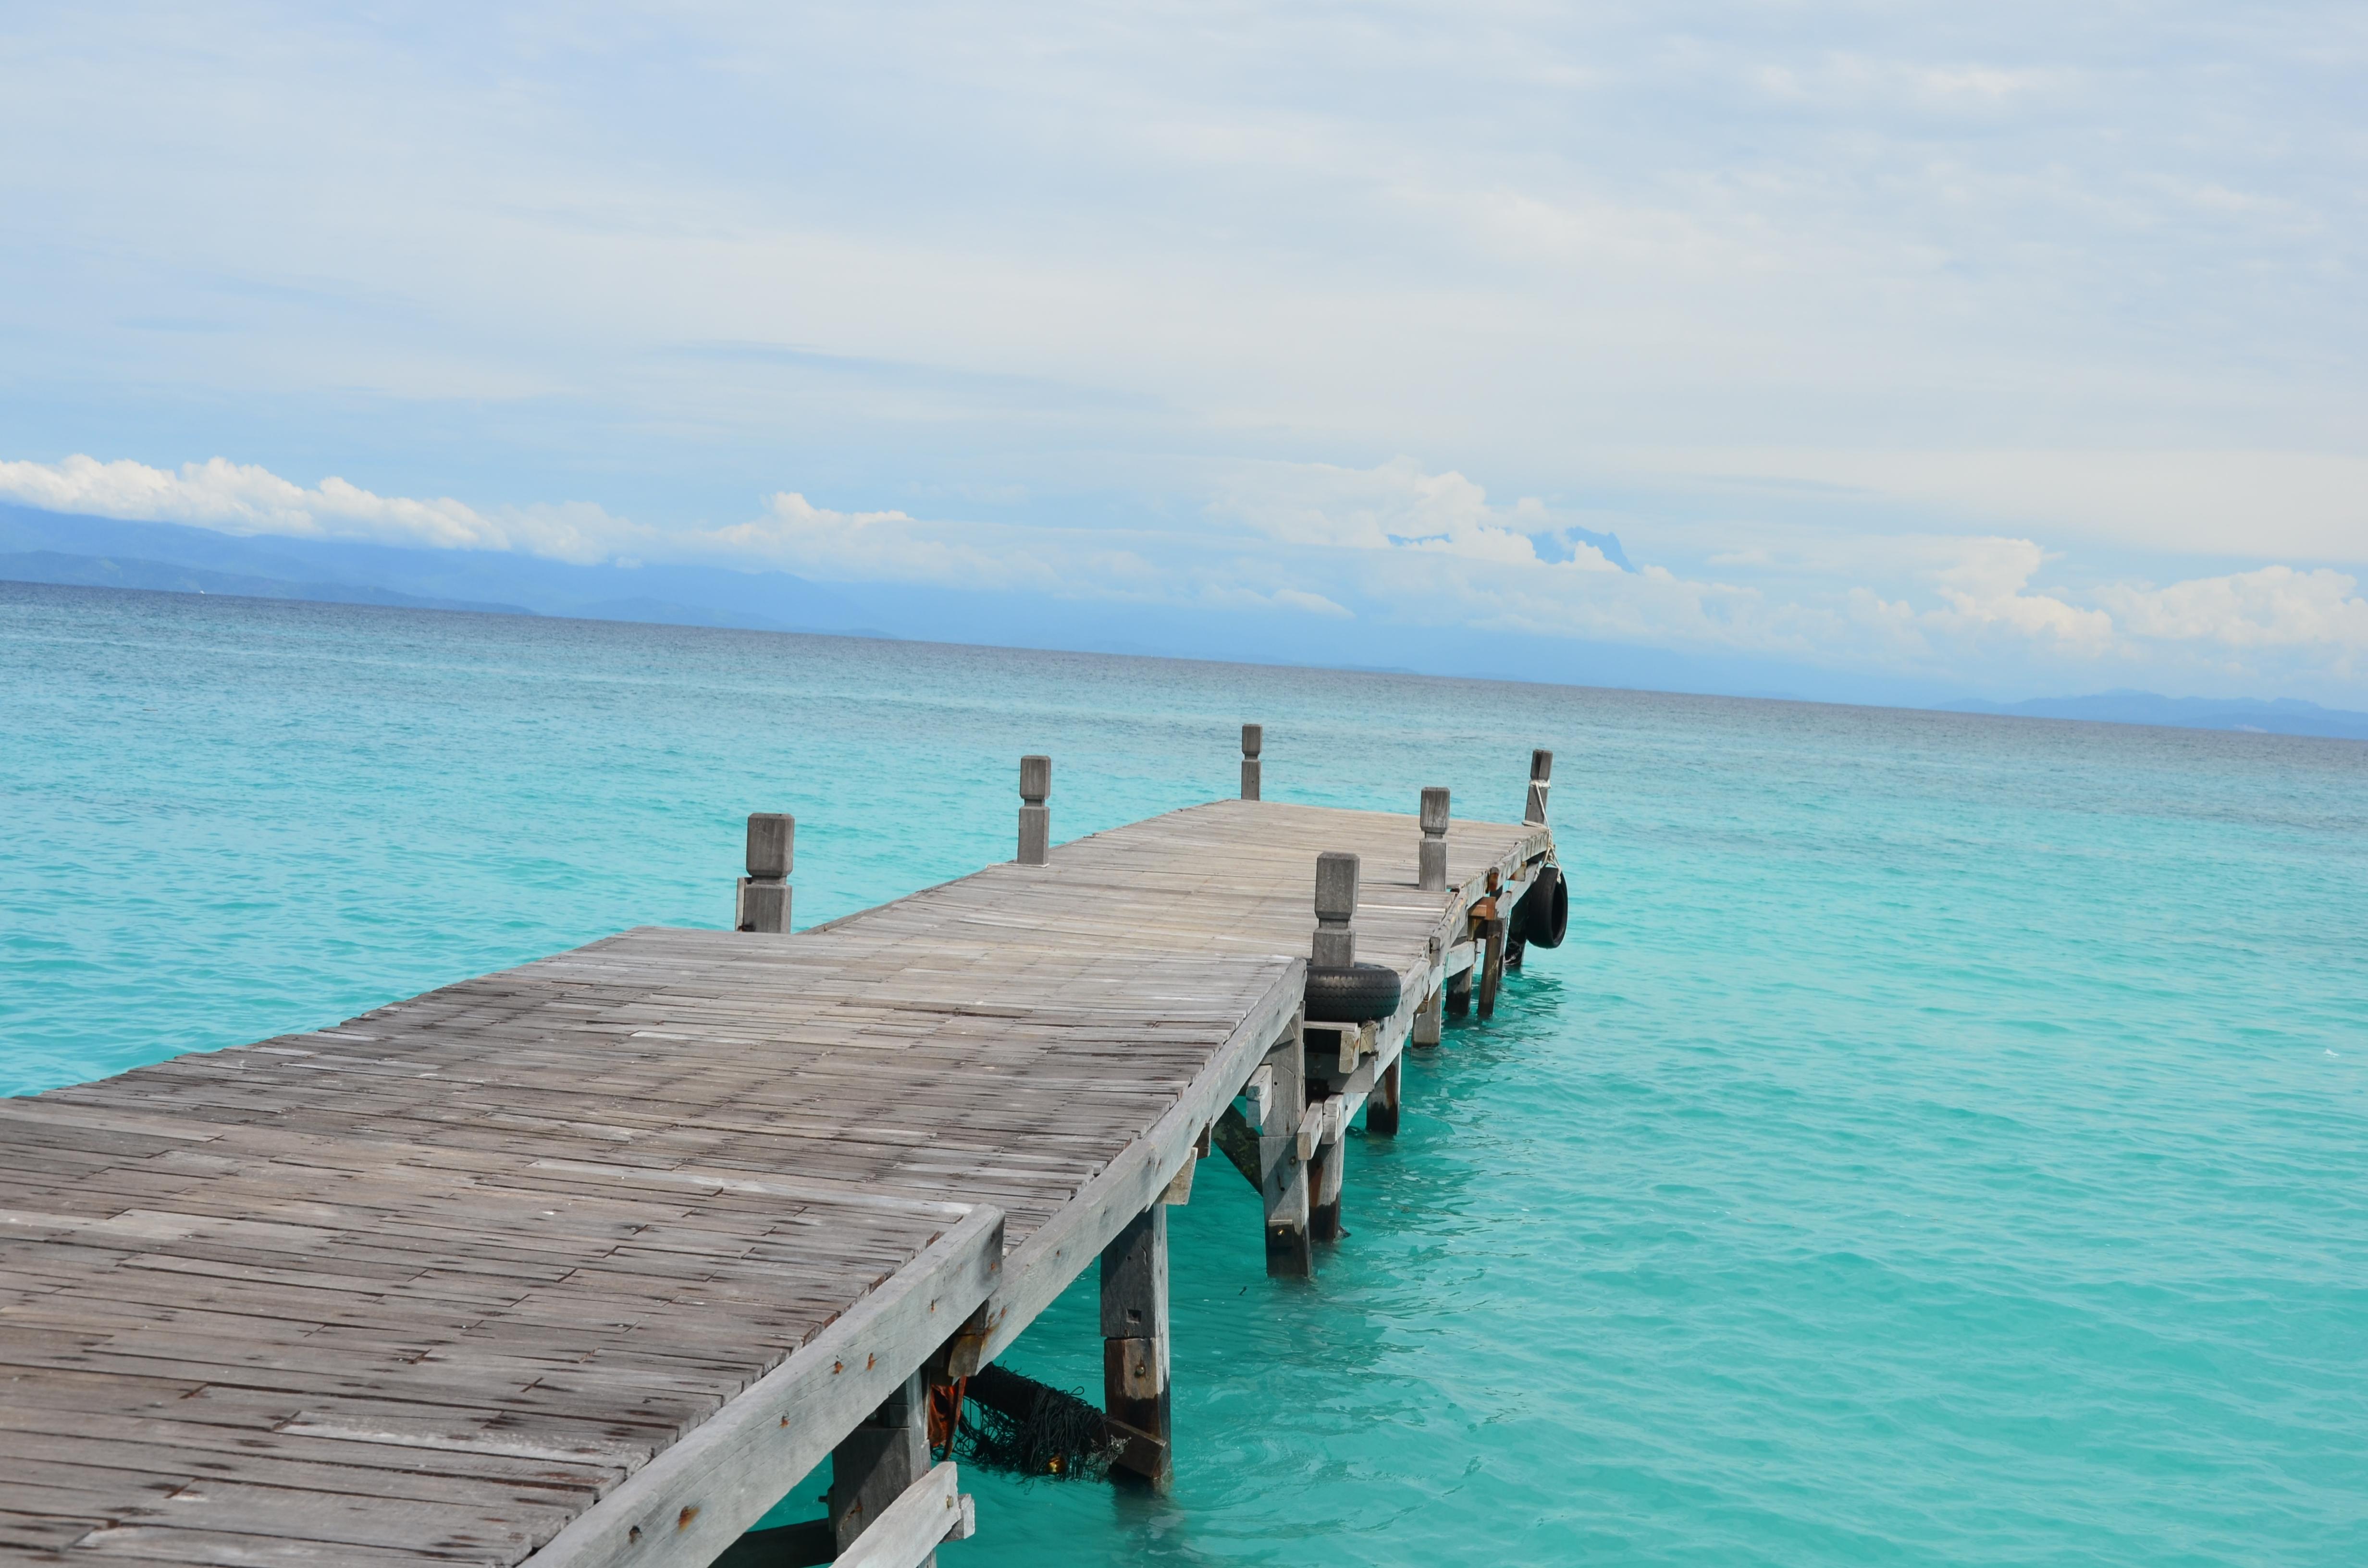 Готель Sutera Harbour Resort, острів Мантанані